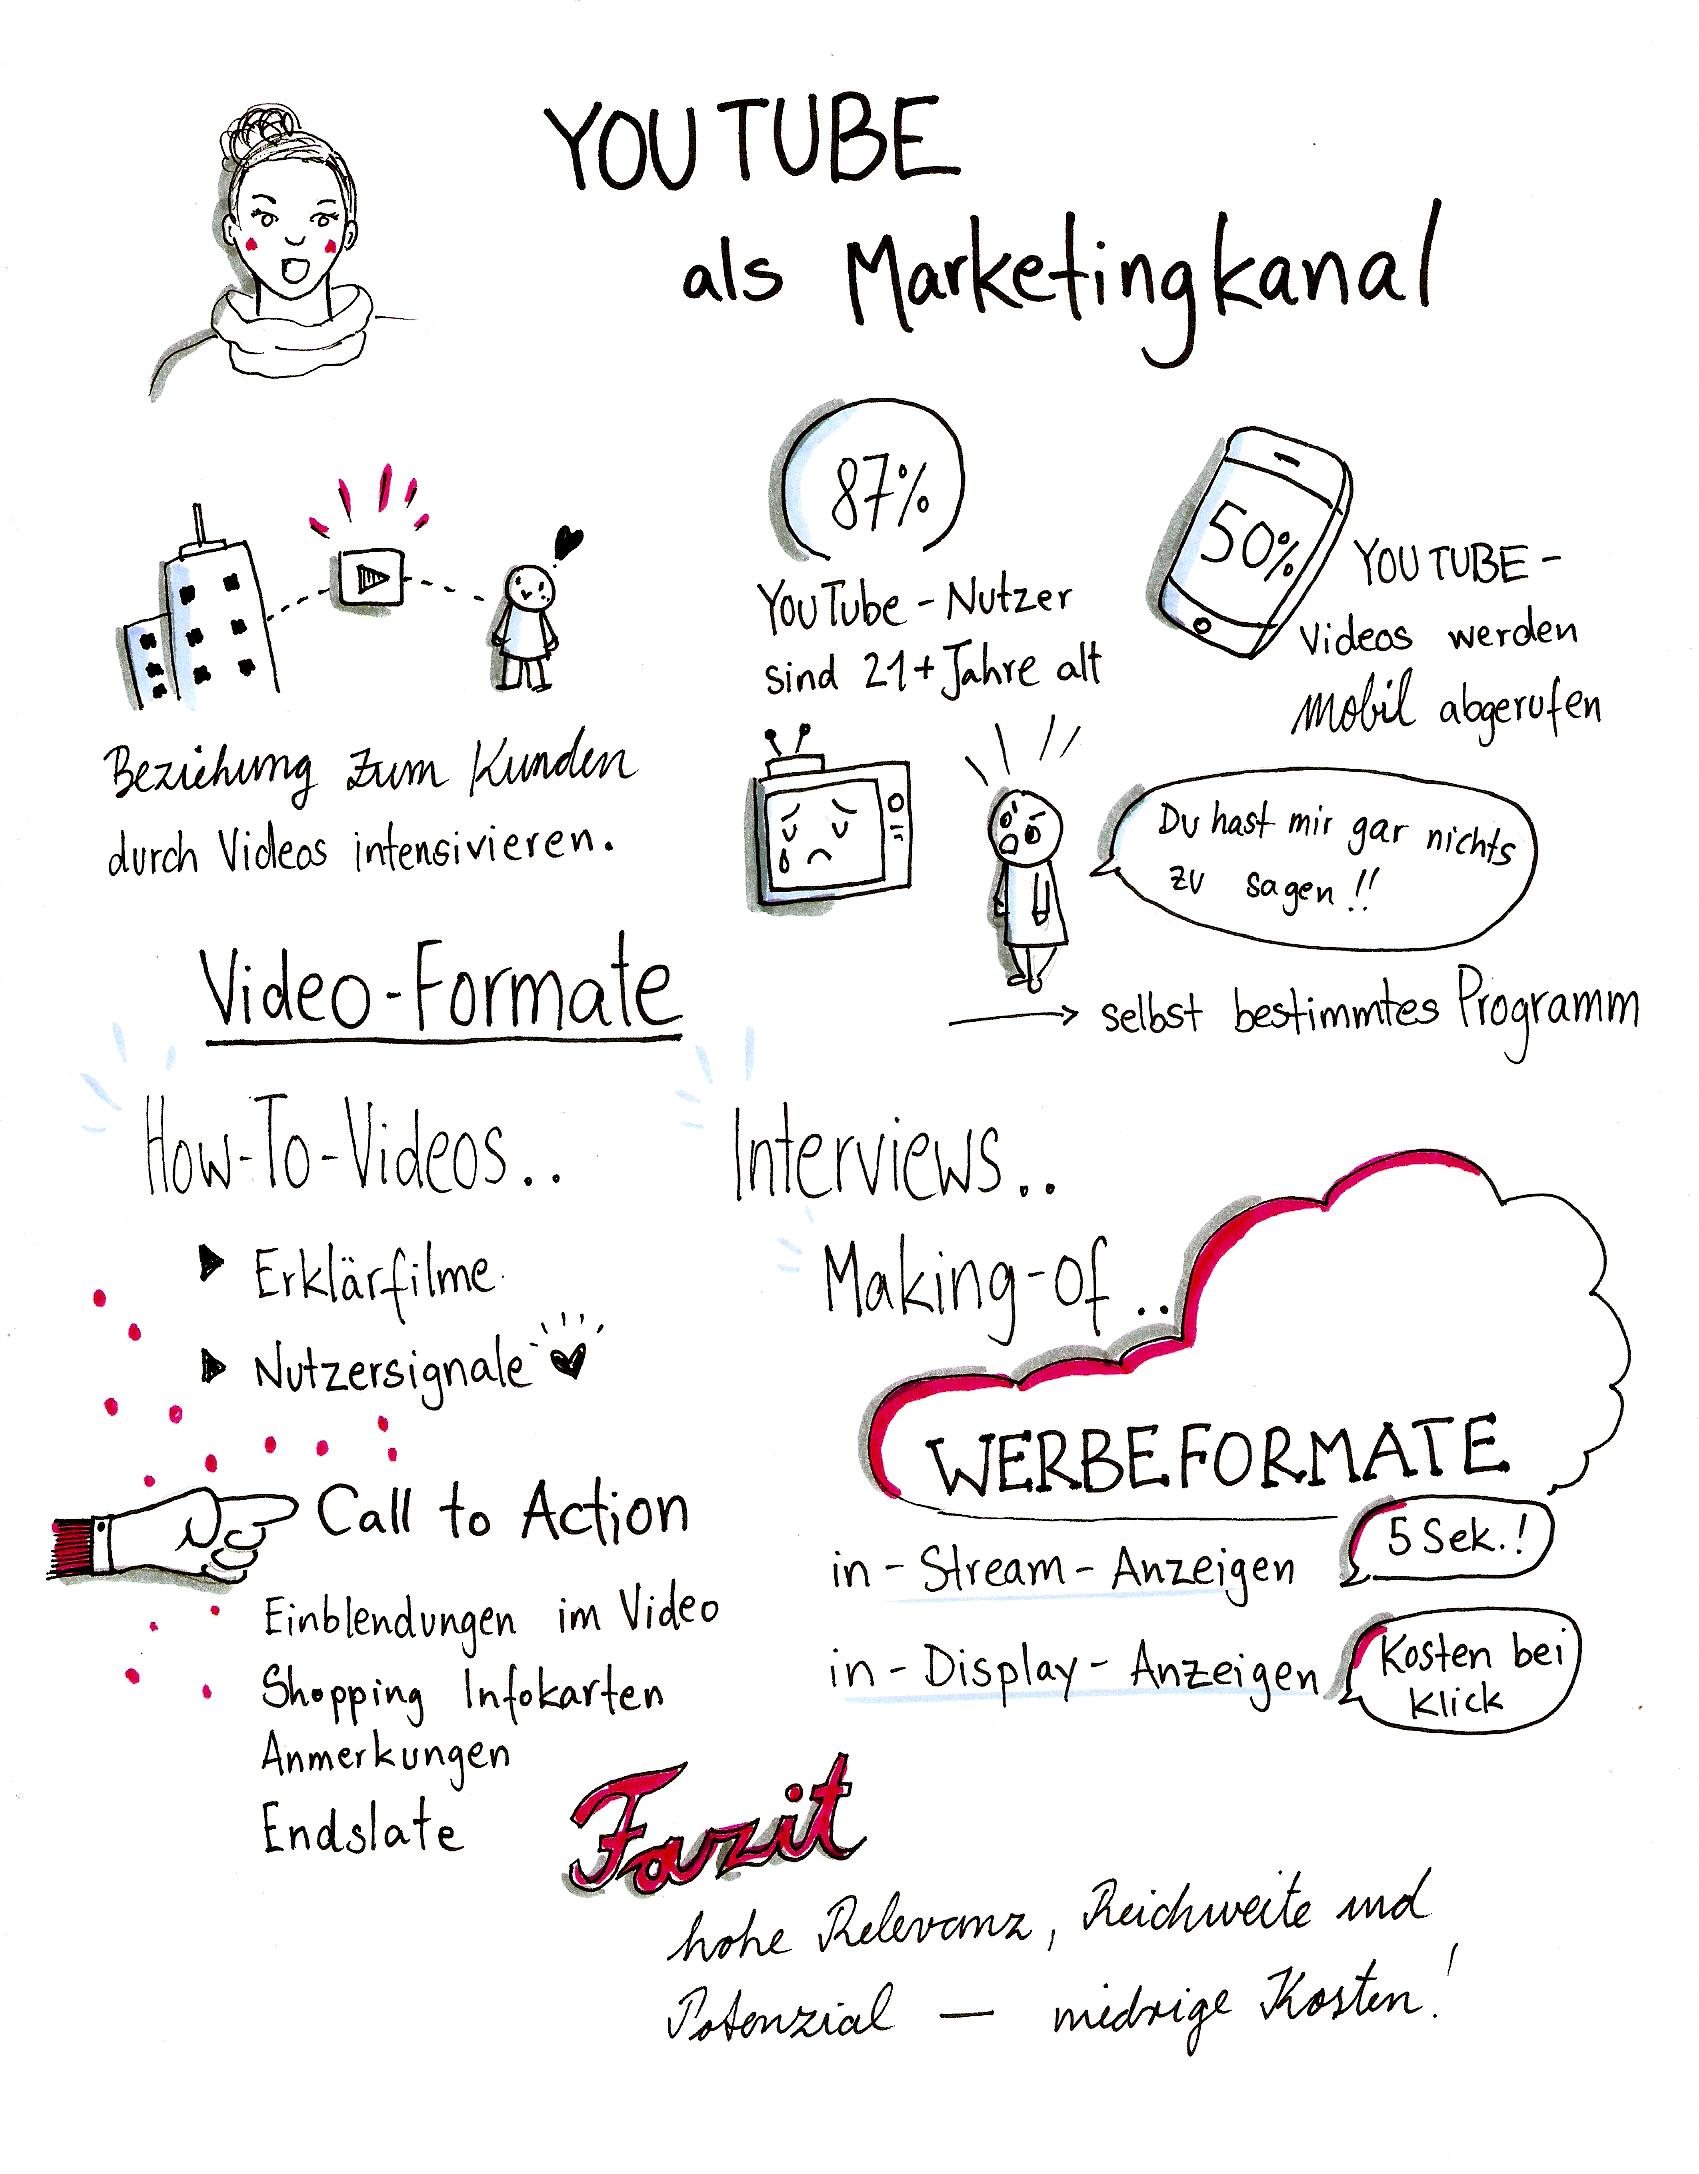 YouTube als Marketingkanal